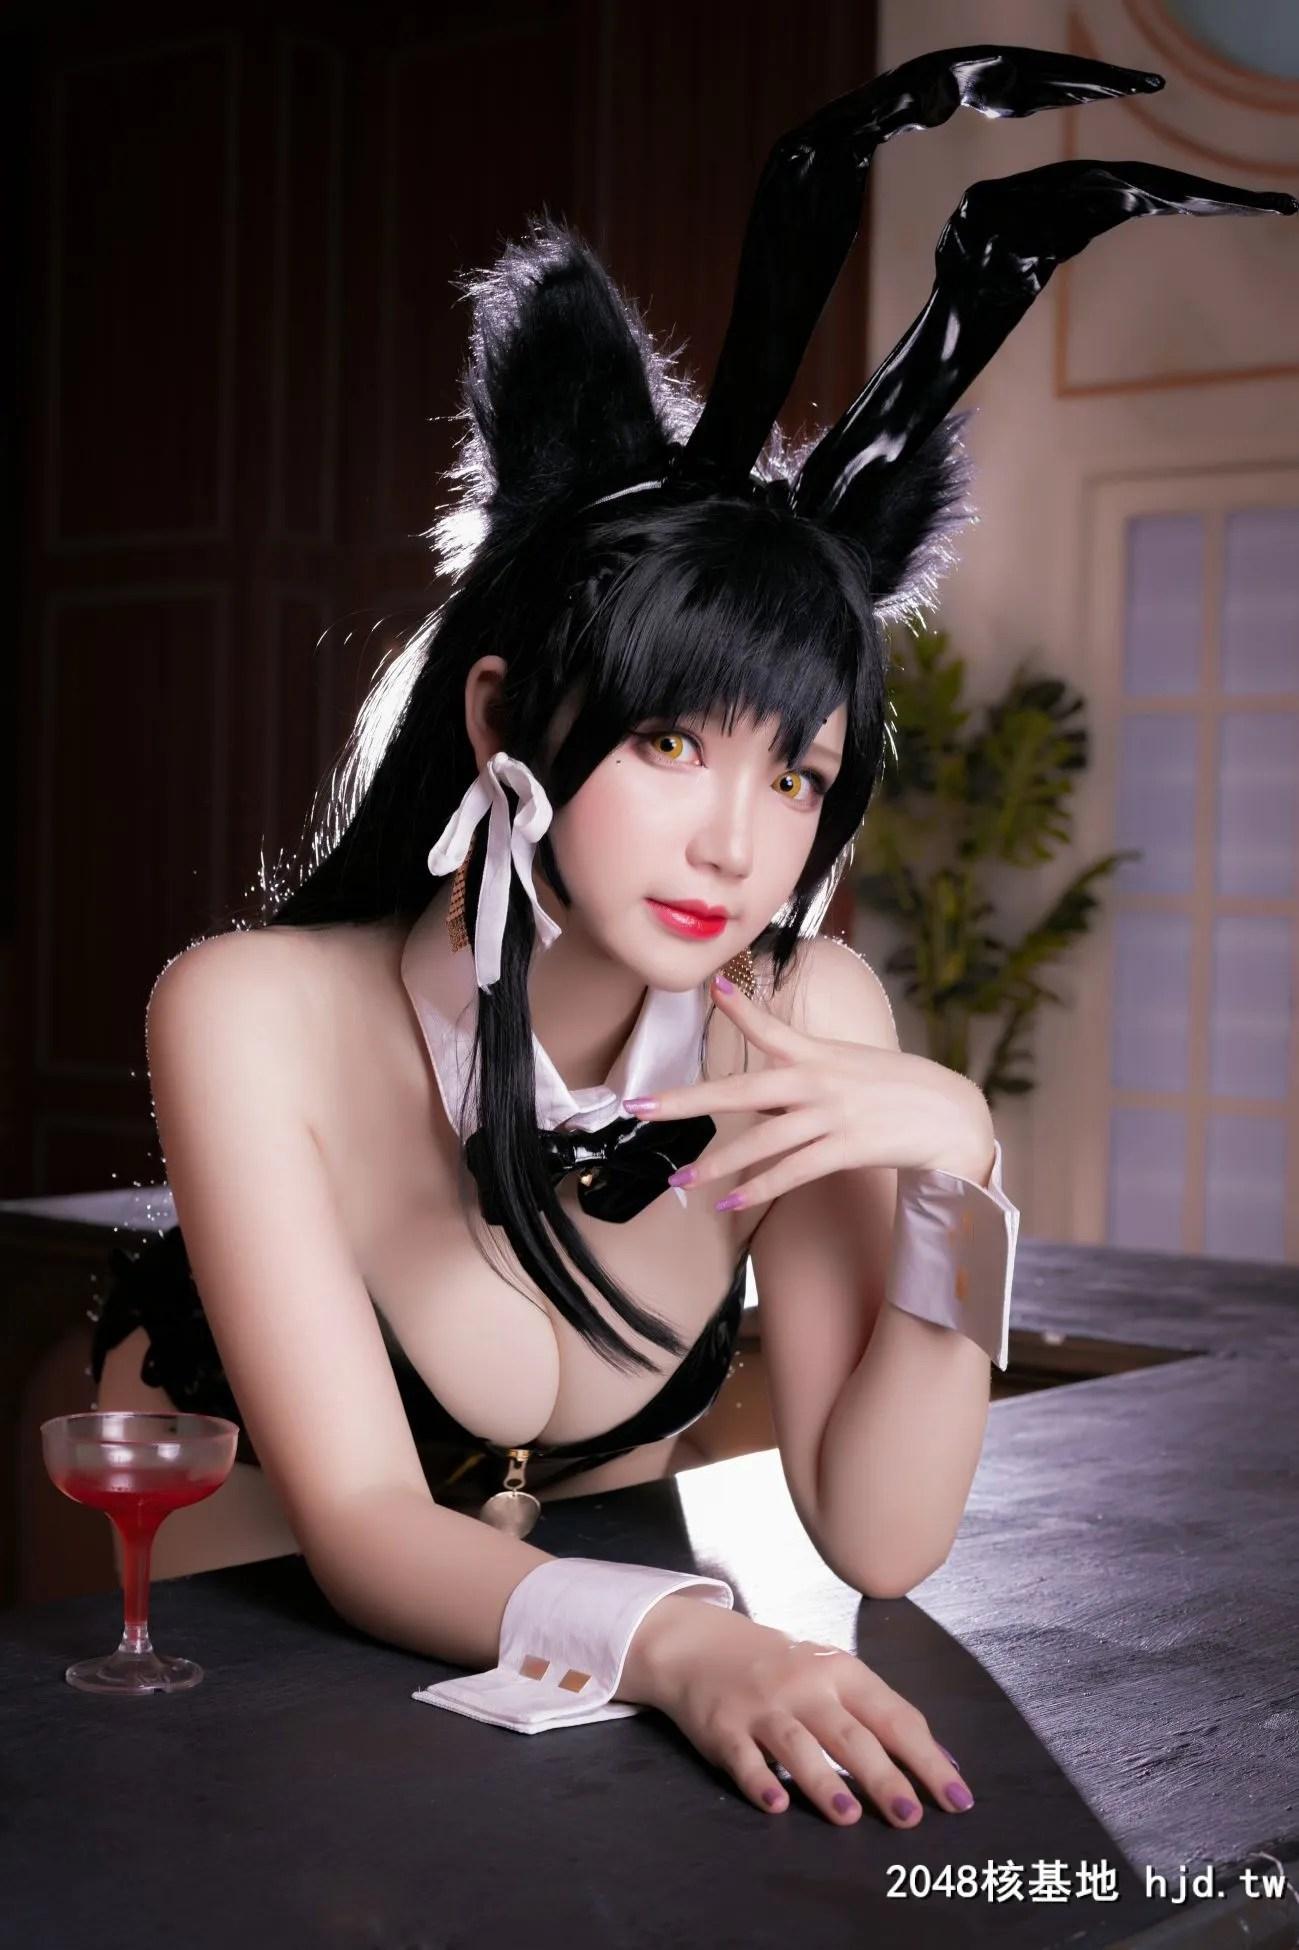 《碧蓝航线》爱宕性感黑丝吊带兔女郎Cosplay【CN:雪晴Astra-】 (30P)插图(3)